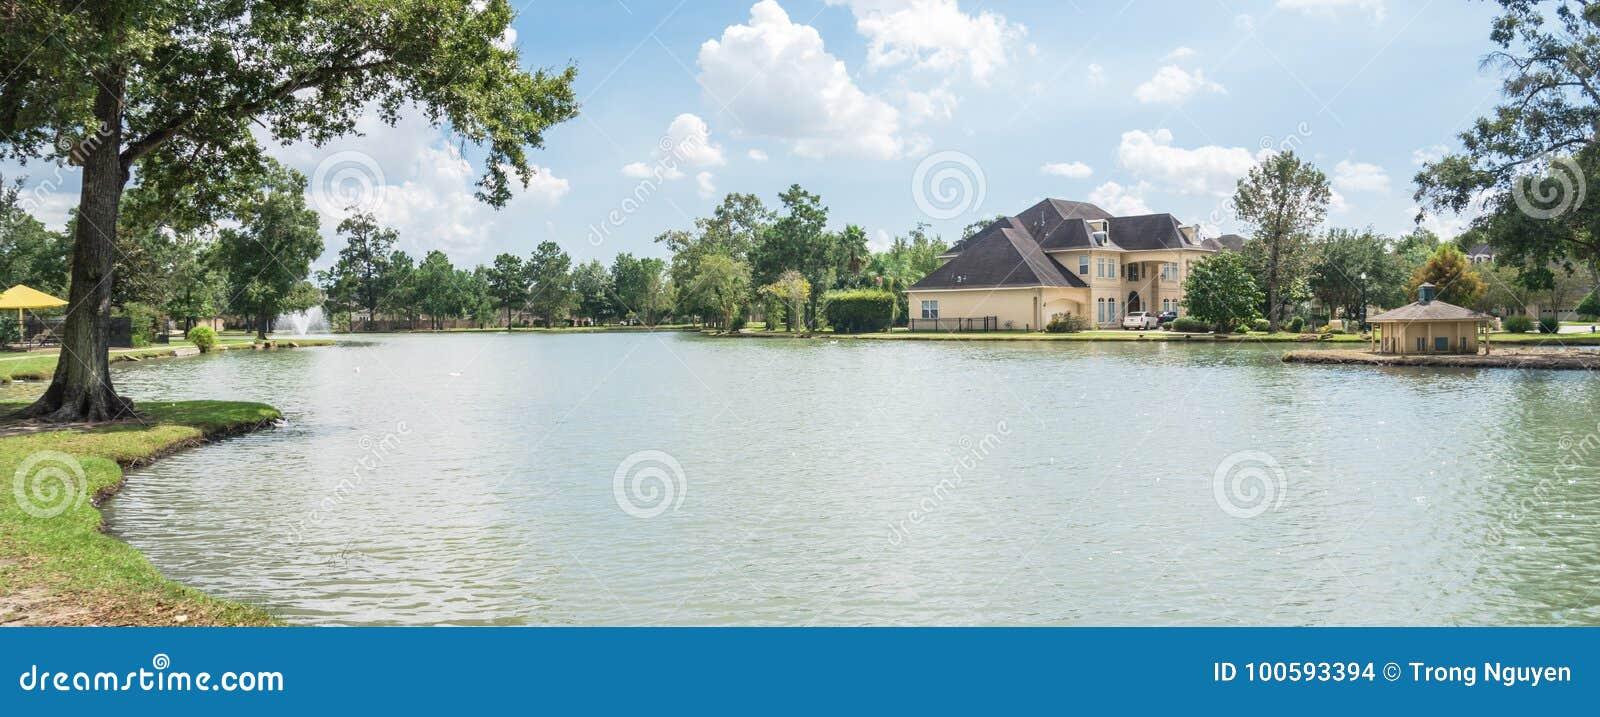 湖边住宅房子在休斯敦,得克萨斯,美国